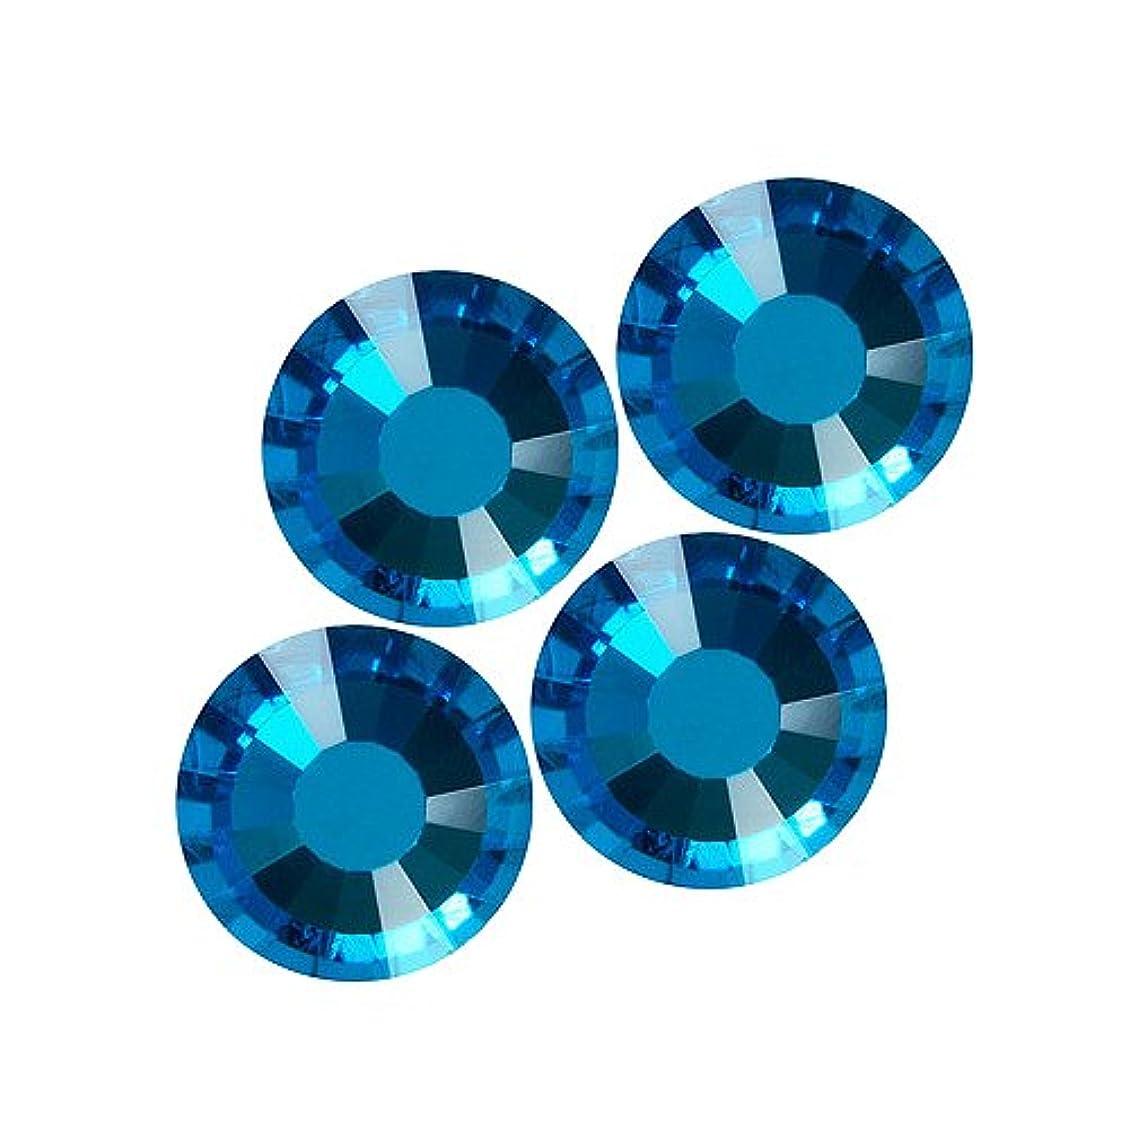 ファックス薄汚いマイクロバイナル DIAMOND RHINESTONE ブルージルコン SS8 720粒 ST-SS8-BUZ-5G